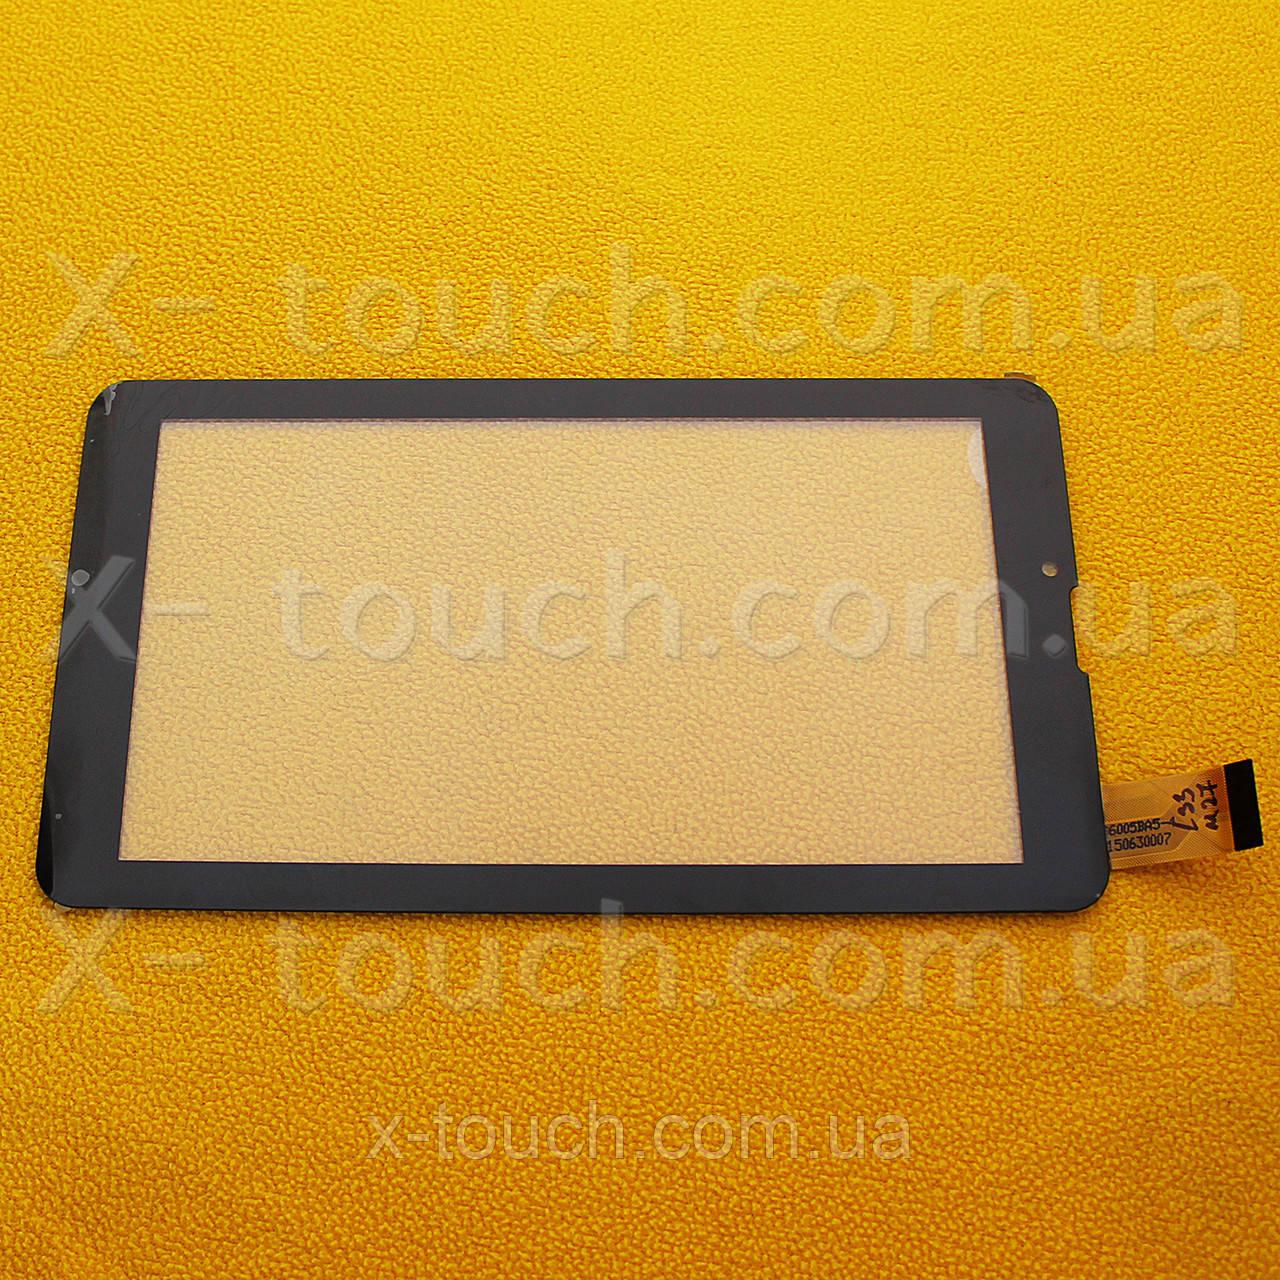 Uni PAD PM-UQM12A cенсор, тачскрин 7,0 дюймов, черный